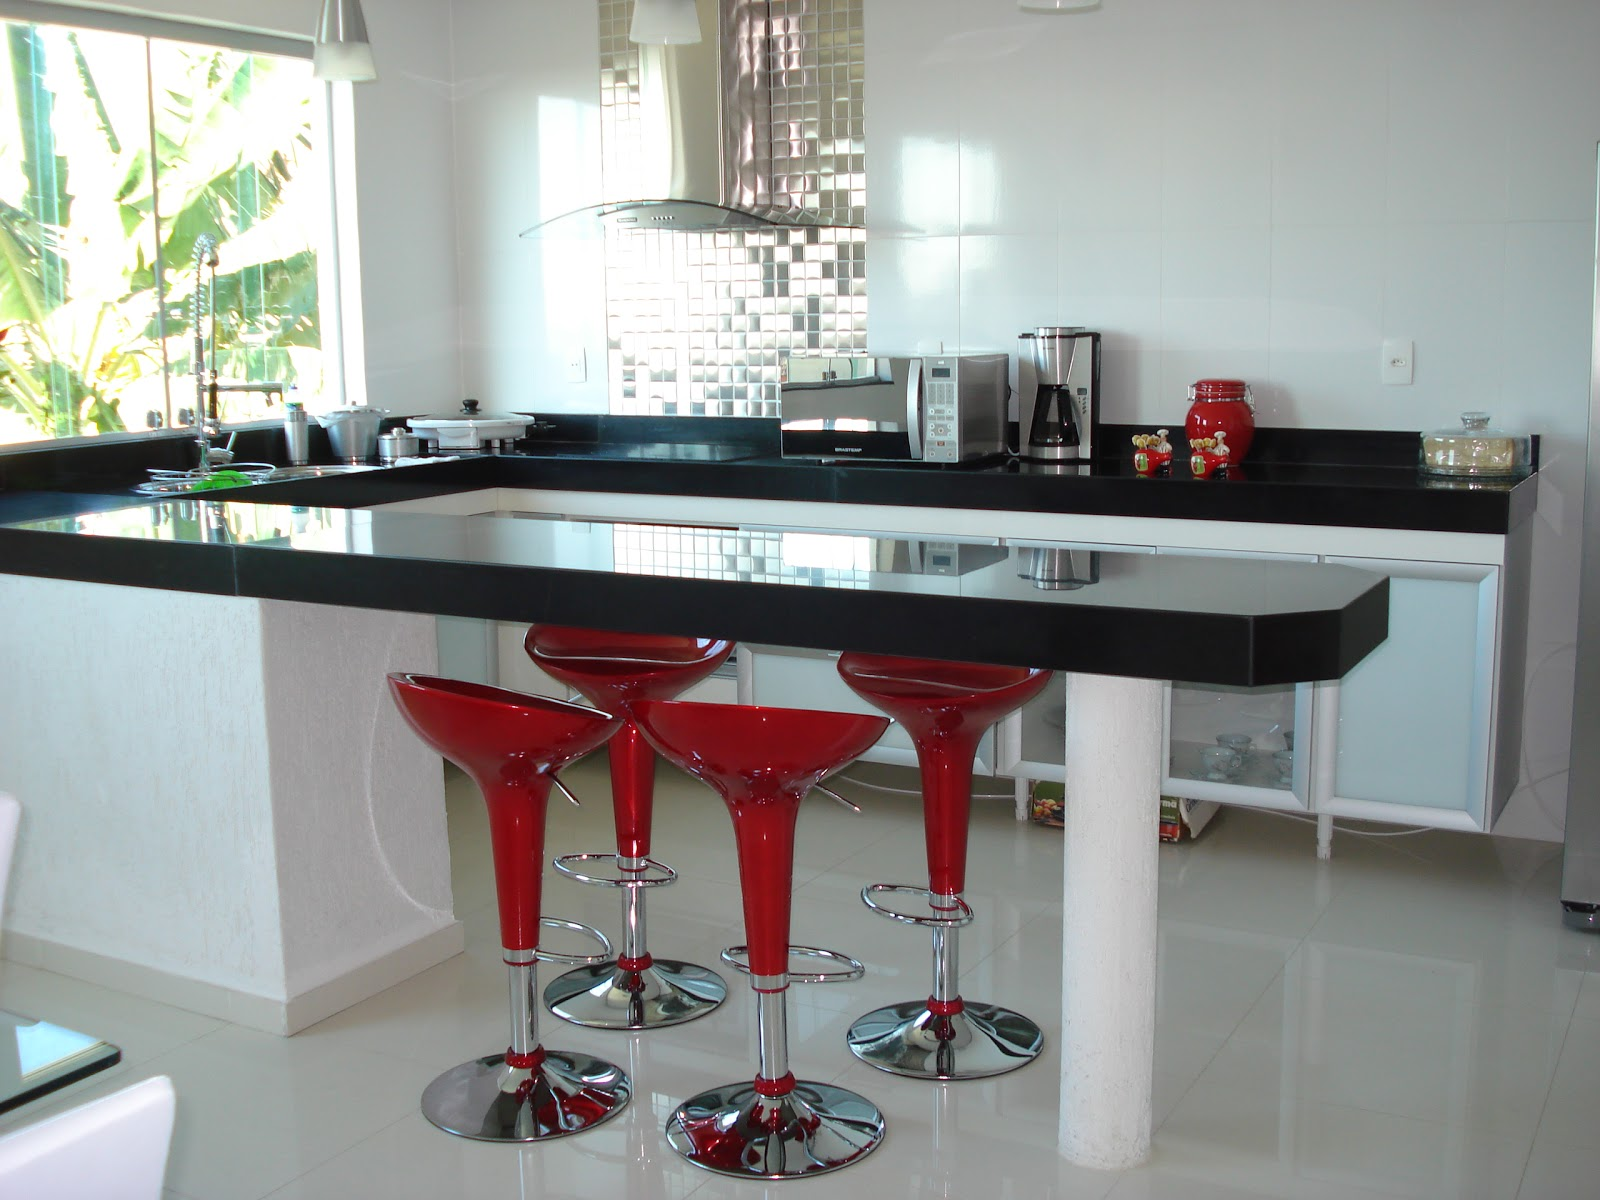 Casa Cozinha Decoração HD Wallpapers #6D1B1E 1600 1200